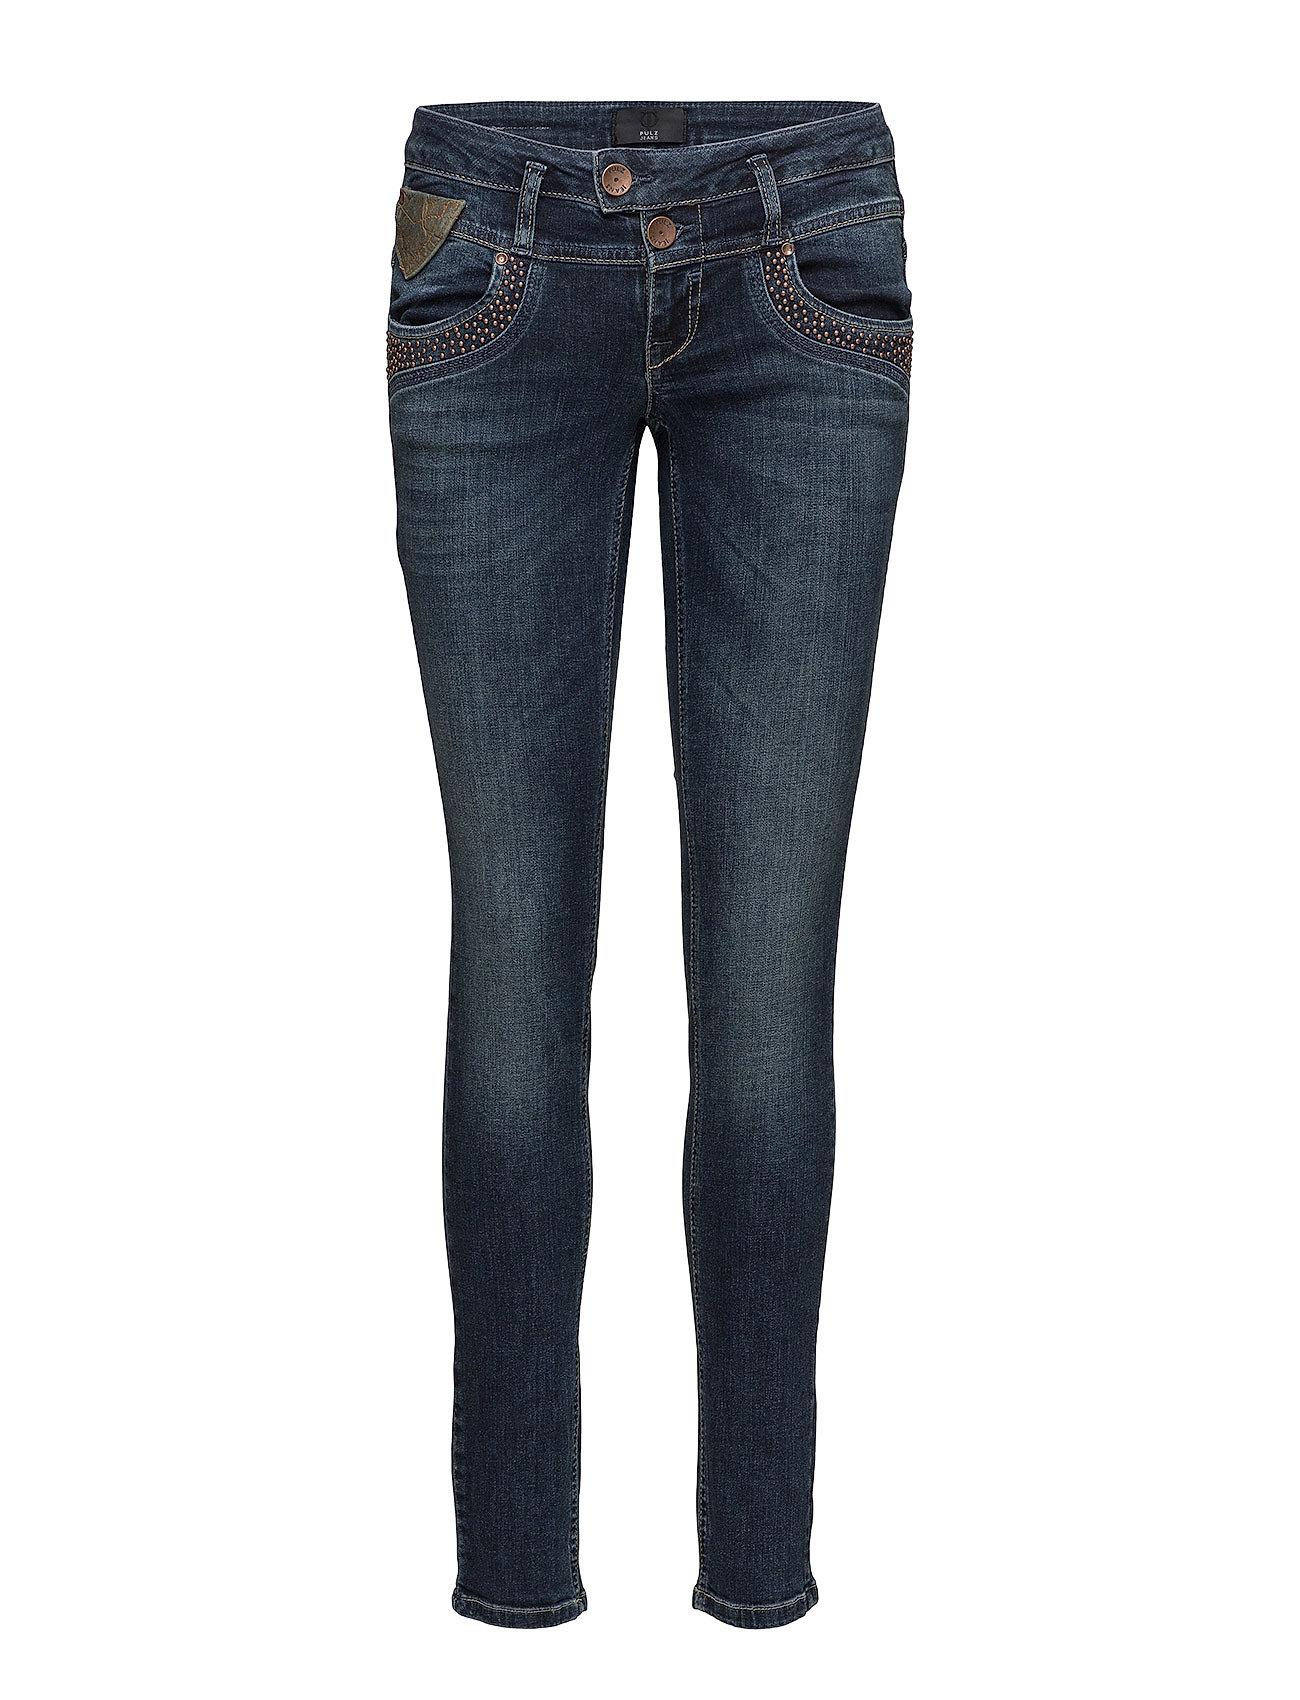 Pulz Jeans Anett Midwaist Skinny - DARK BLUE DENIM